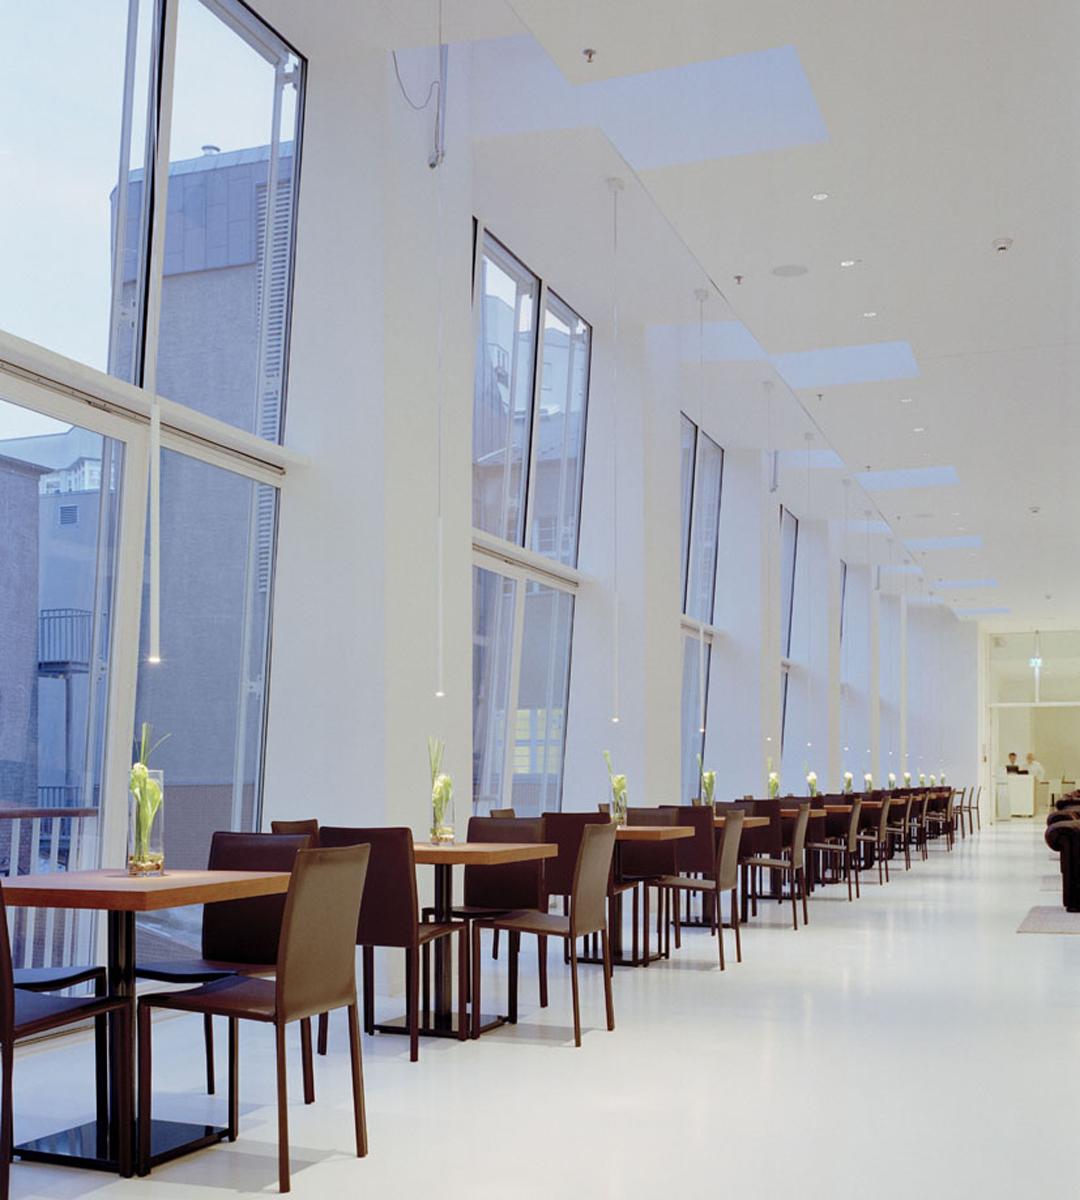 Hell-Dunkel-Kontrast: Holztische im strahlend weißen Frühstücksraum mit hoher Decke und Lichtvouten. Ein lebendiger Kommunikationsraum für alle Hotelgäste.